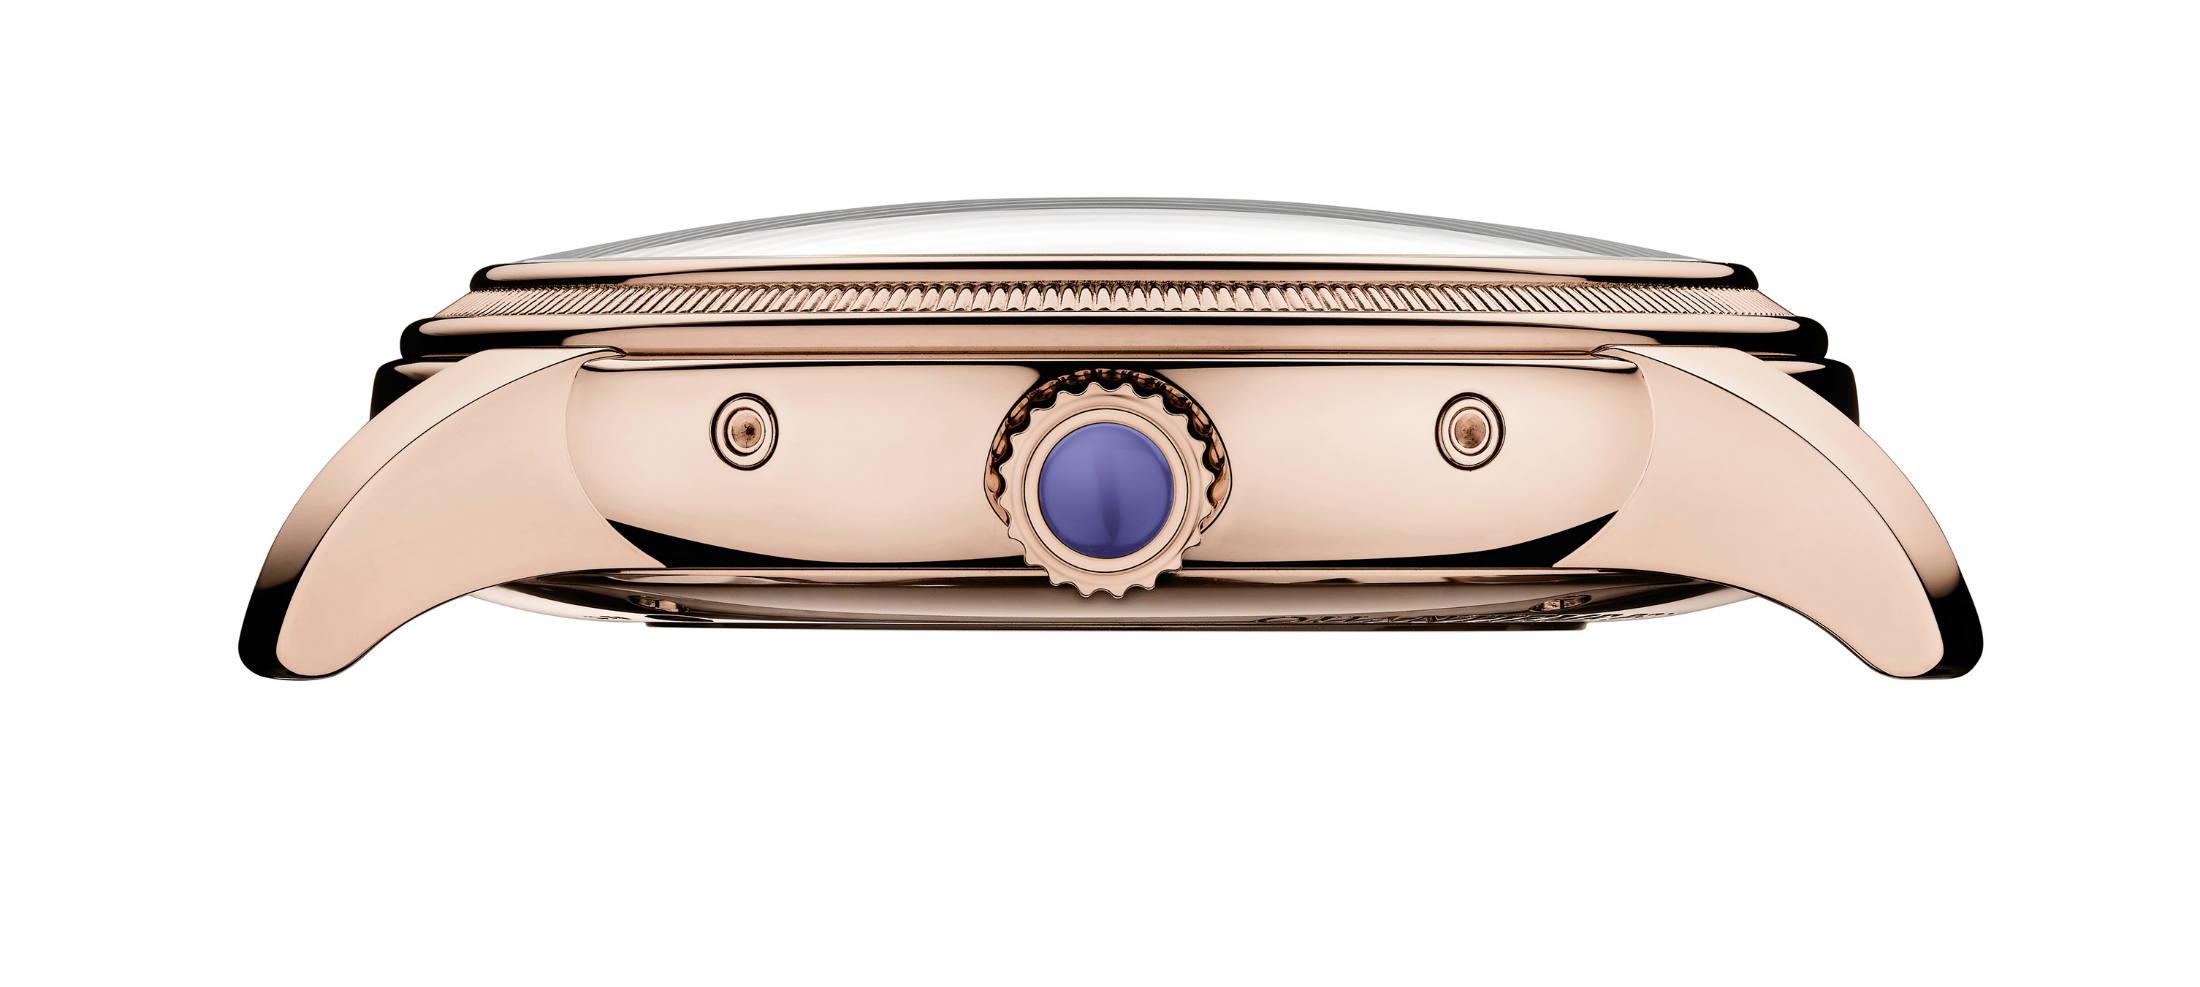 Parmigiani Toric watch case